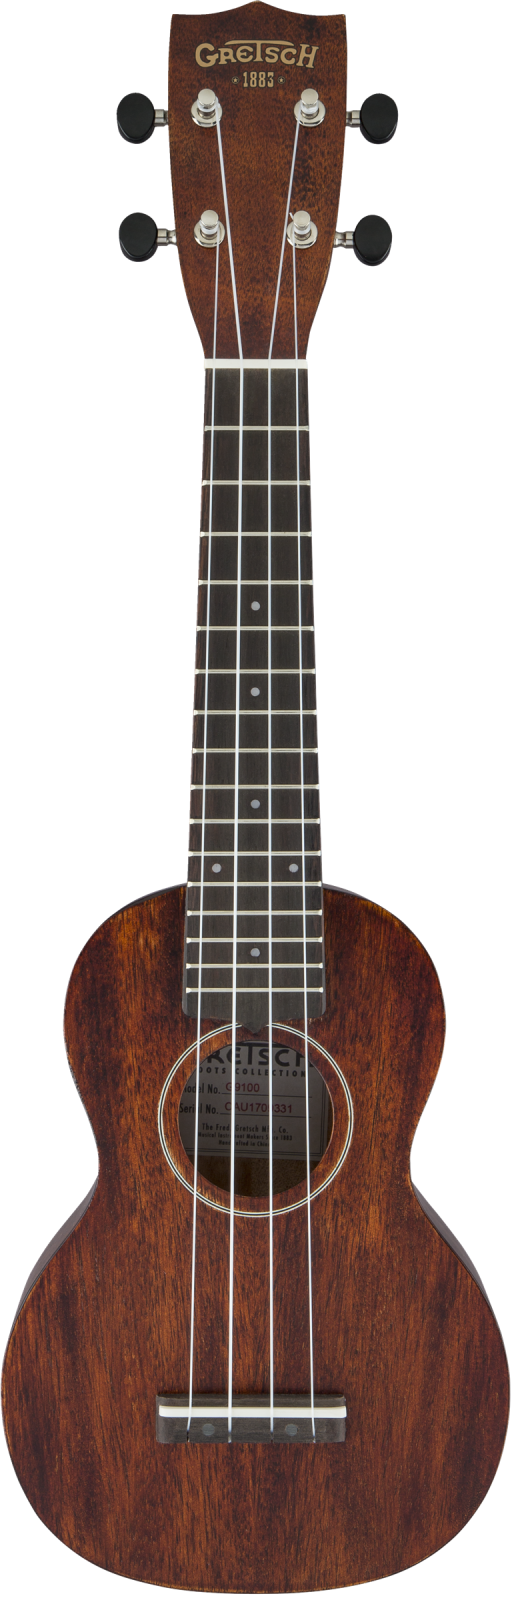 Gretsch G9100 Soprano Ukulele